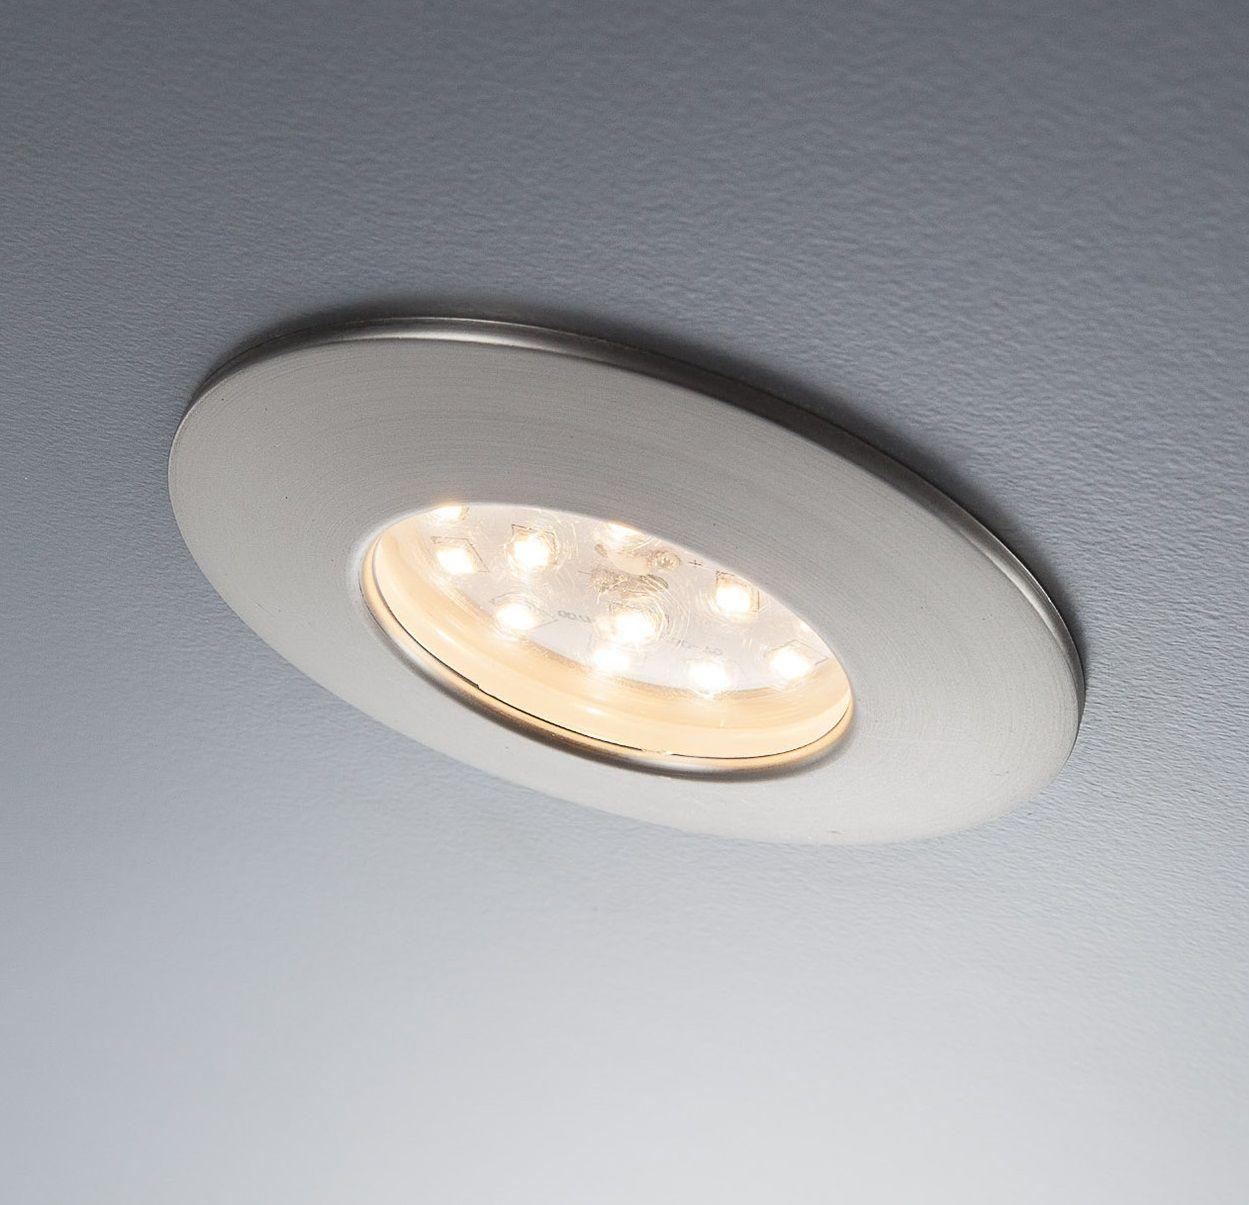 Ultraflacher LED Einbaustrahler für das Bad im praktischen 6-er Set ...